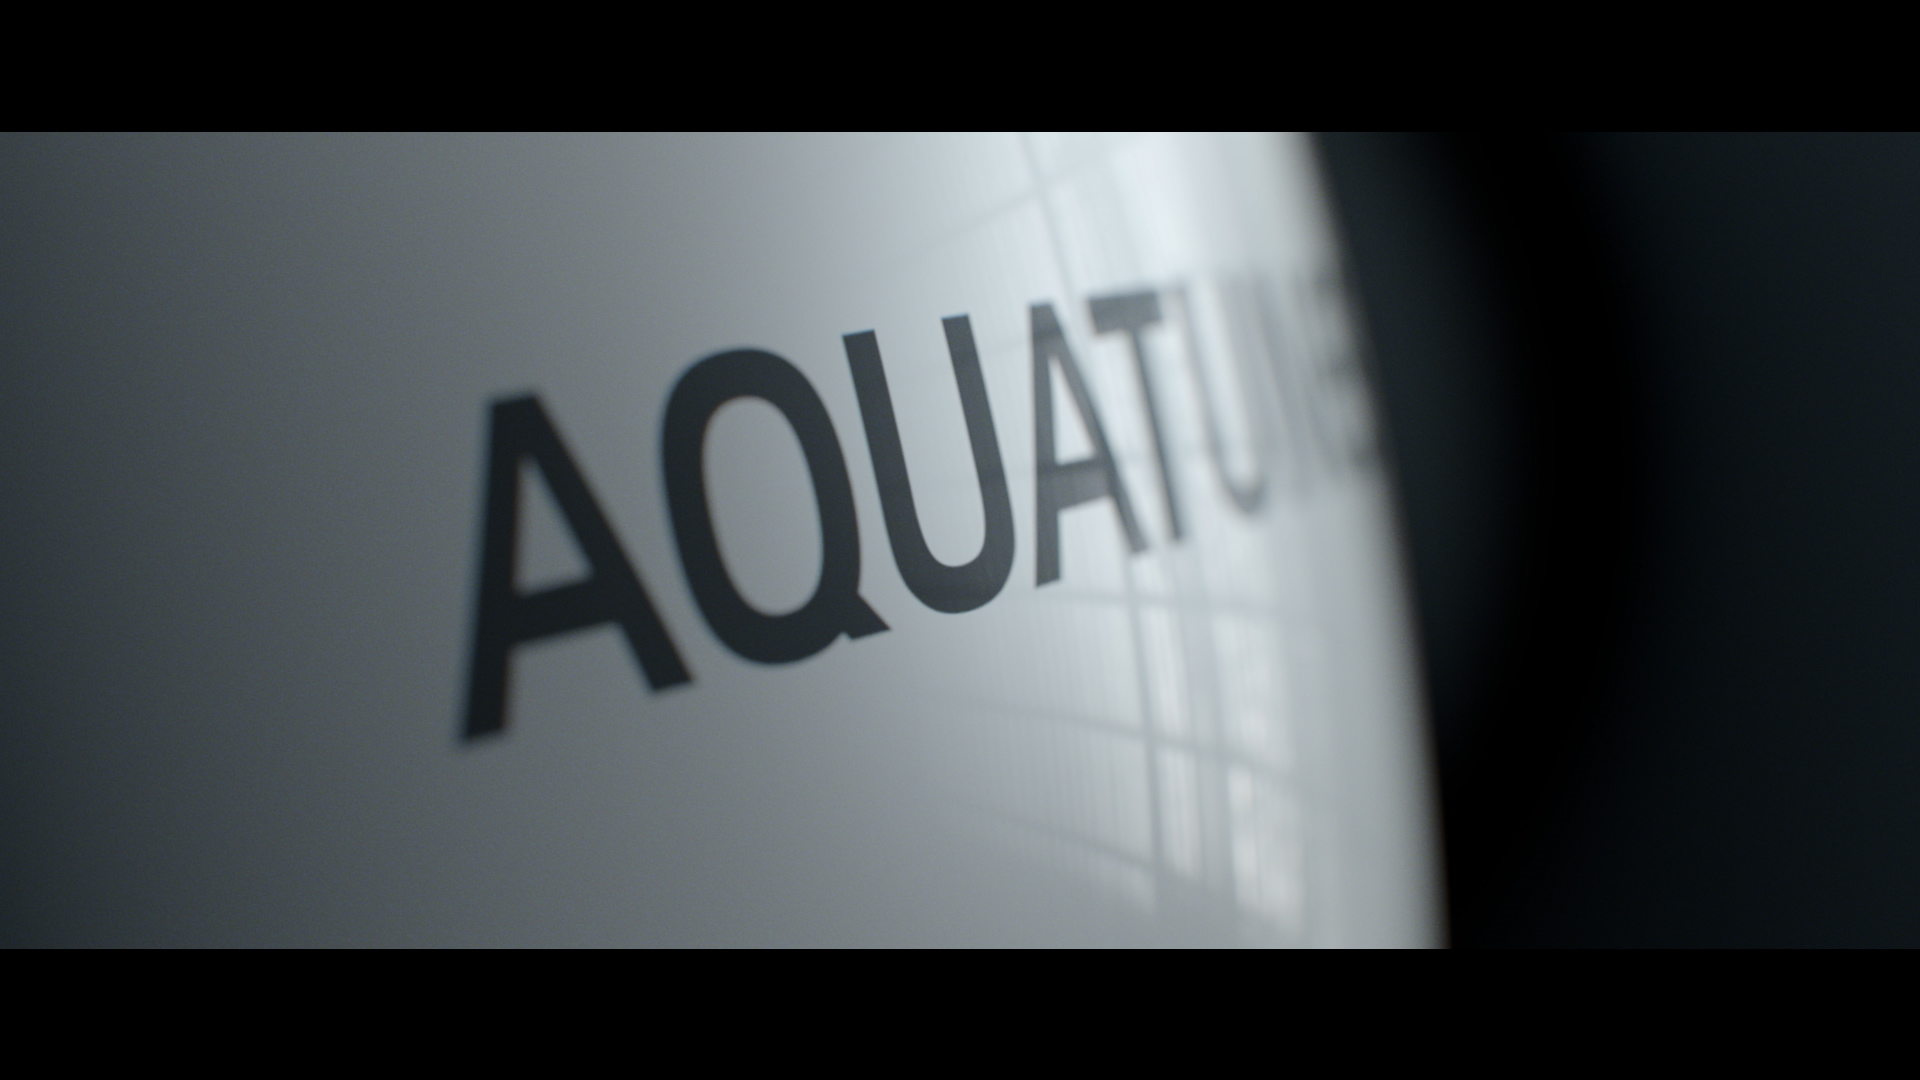 Grohe Aquatunes | ANDREAS BÖINGHOFF